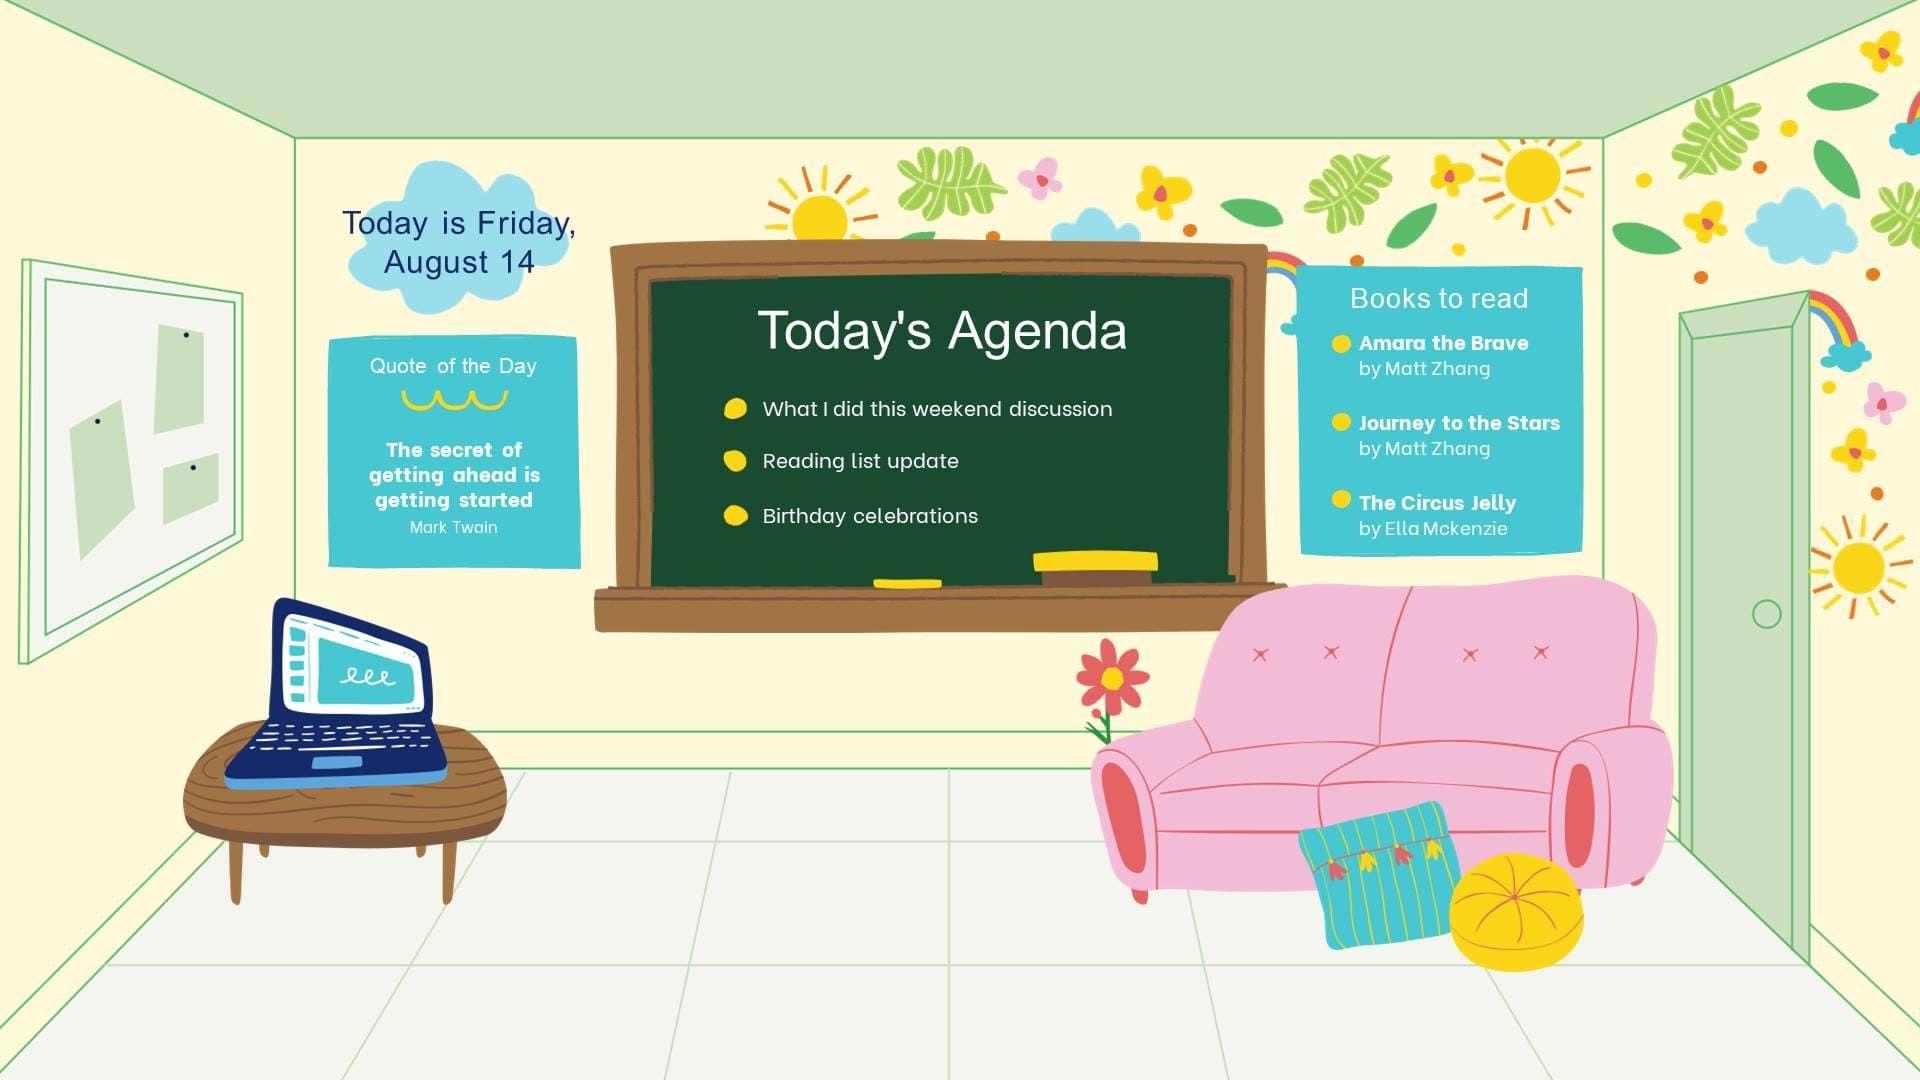 قوالب الفصول الافتراضية بتصاميم جذابة اثناء عملية للتعلم عن بعد Happy Teachers Day Happy Teachers Day Wishes Teachers Day Wishes